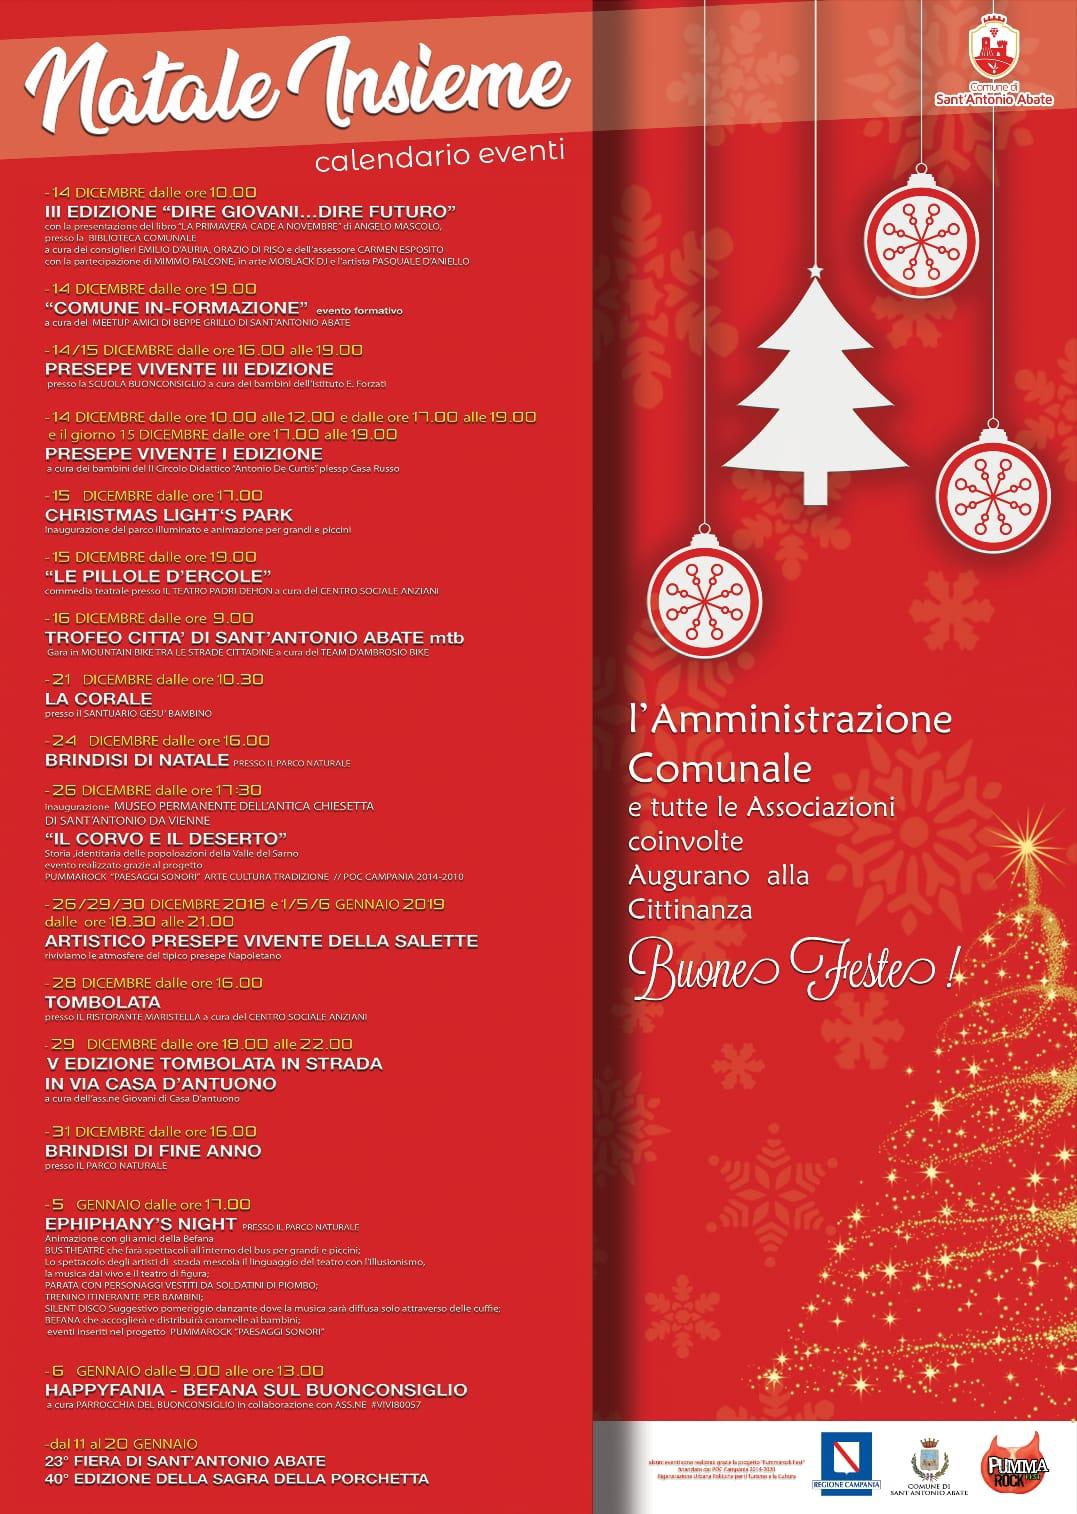 Natale Insieme - calendario evento